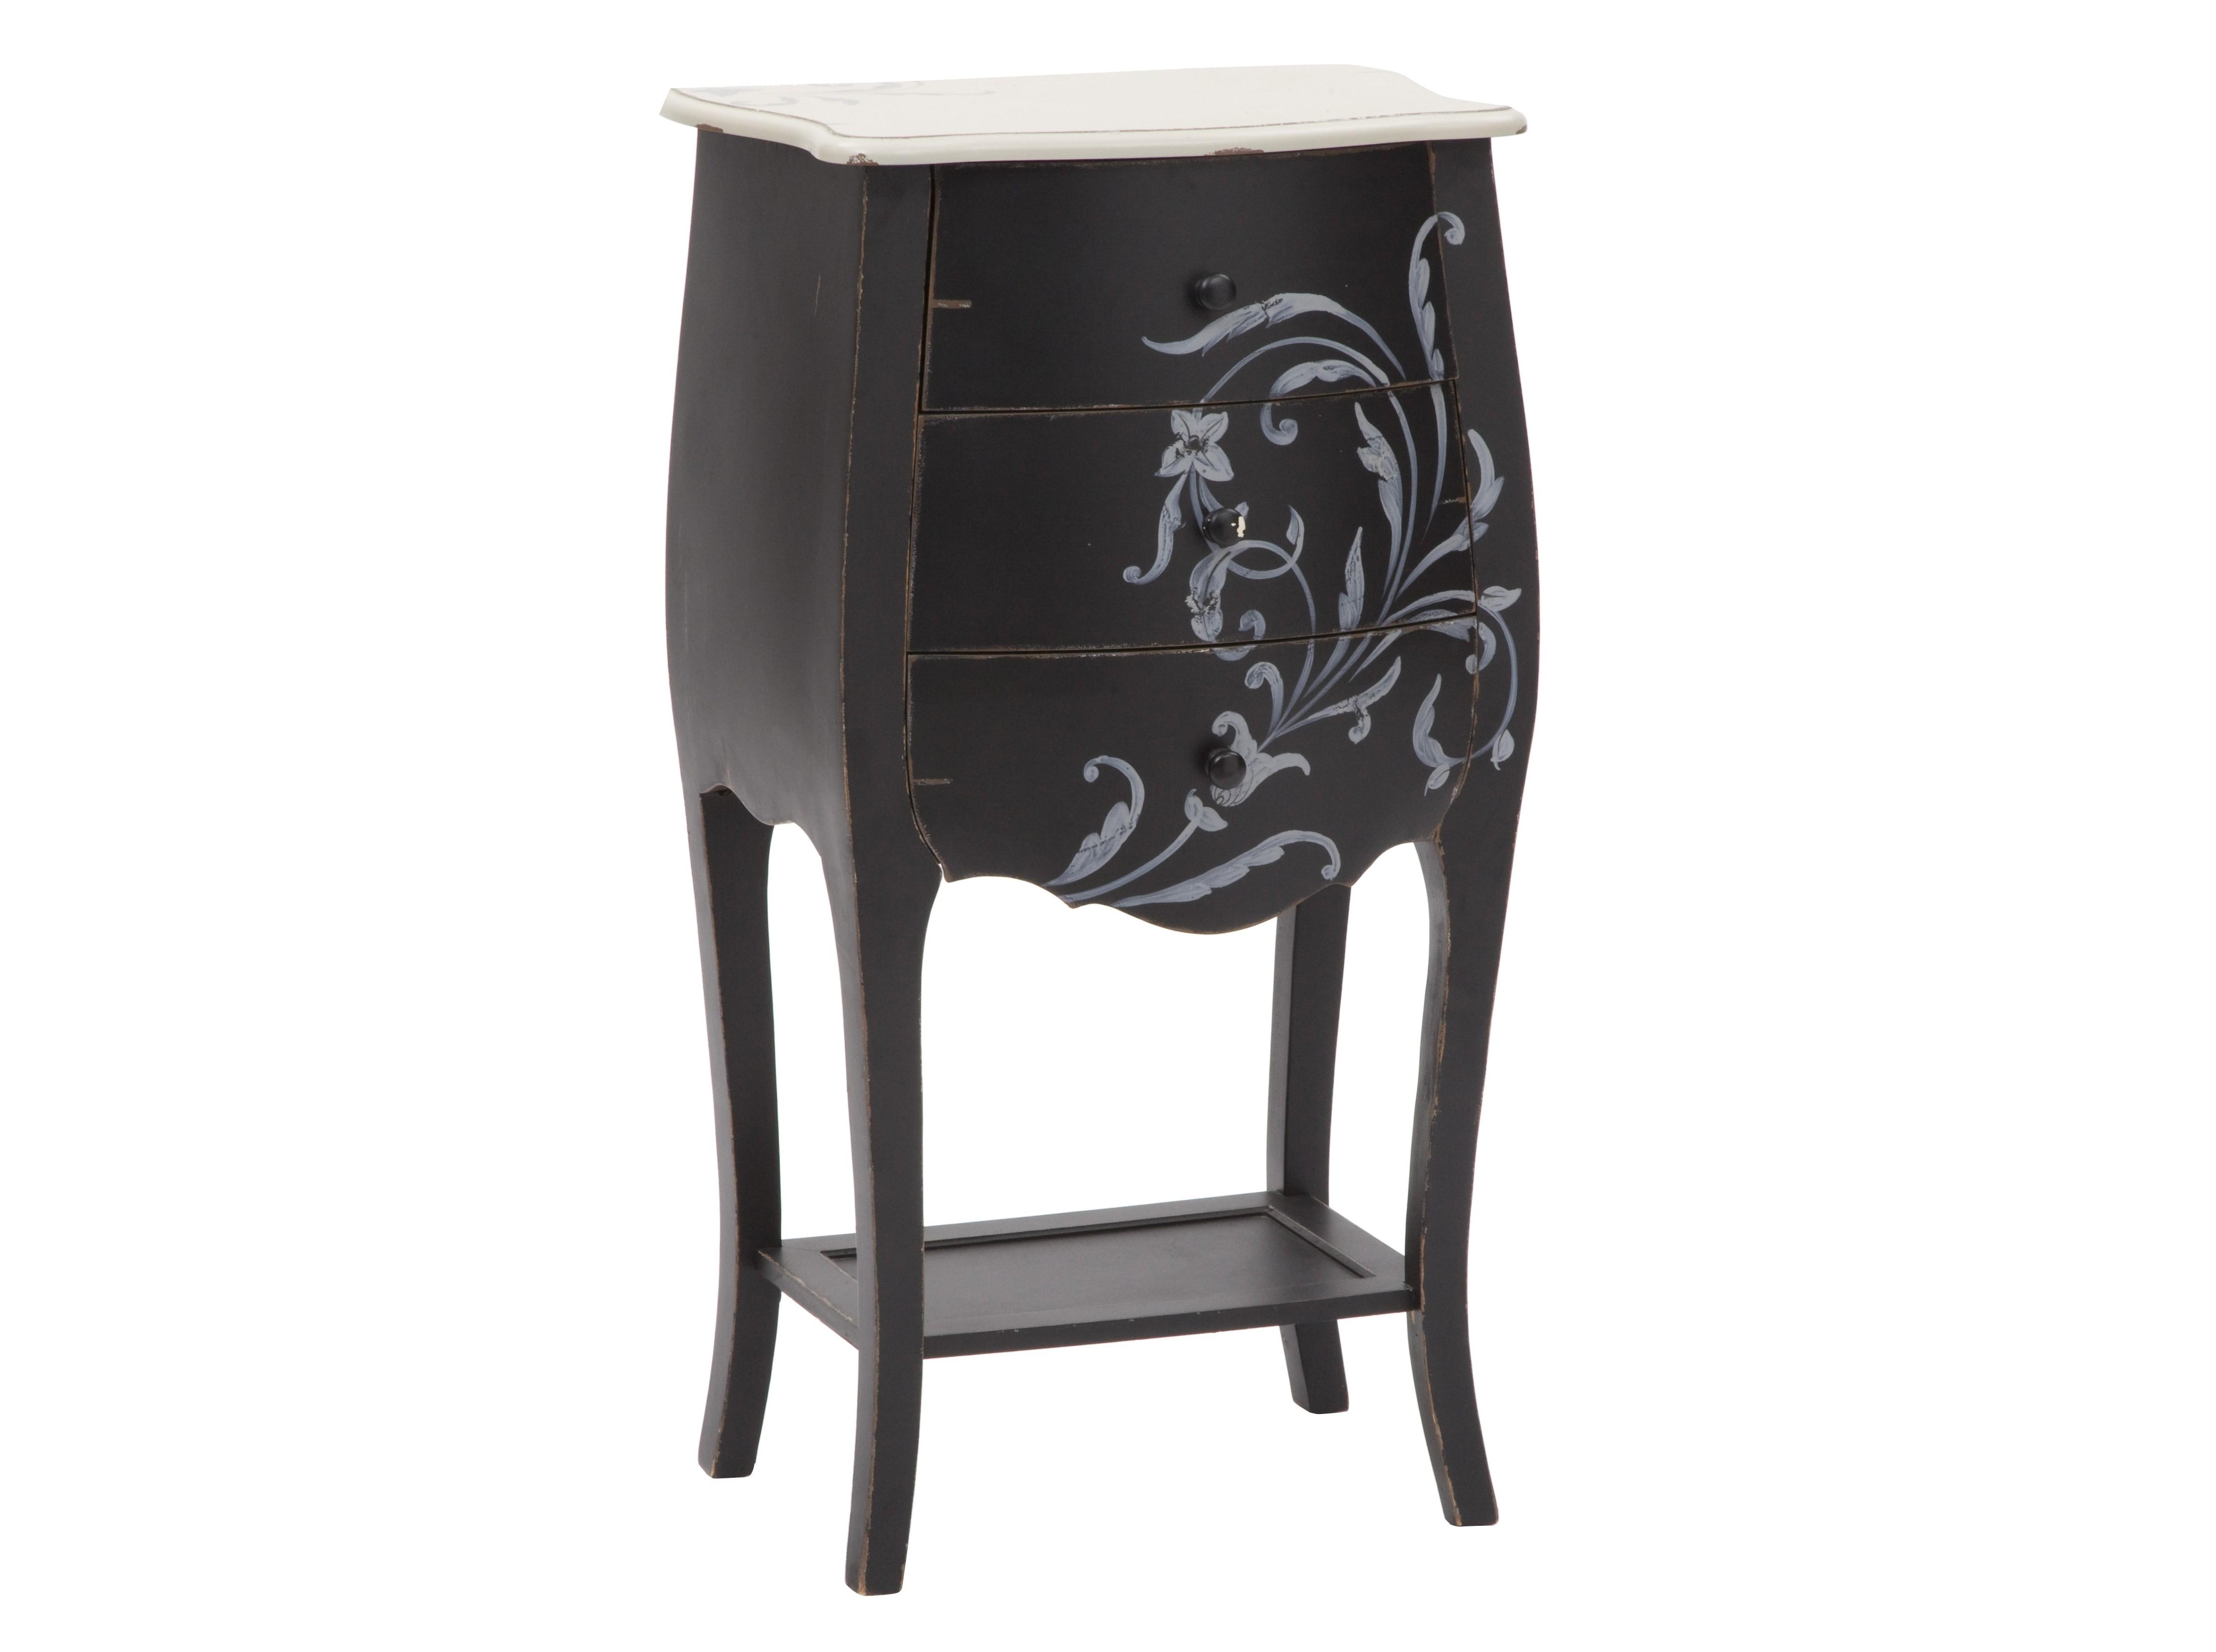 Комод FlowerПрикроватные тумбы, комоды, столики<br>Комод с 3-мя выдвигающимися ящиками сочетает в себе элегантность и роскошь. Столик полностью отвечает требованиям самого искушенного потребителя и его мечтам о хорошей мебели. Прекрасно впишется как в гостиную, так и в спальню.&amp;amp;nbsp;<br><br>Material: Дерево<br>Width см: 48<br>Depth см: 34<br>Height см: 90